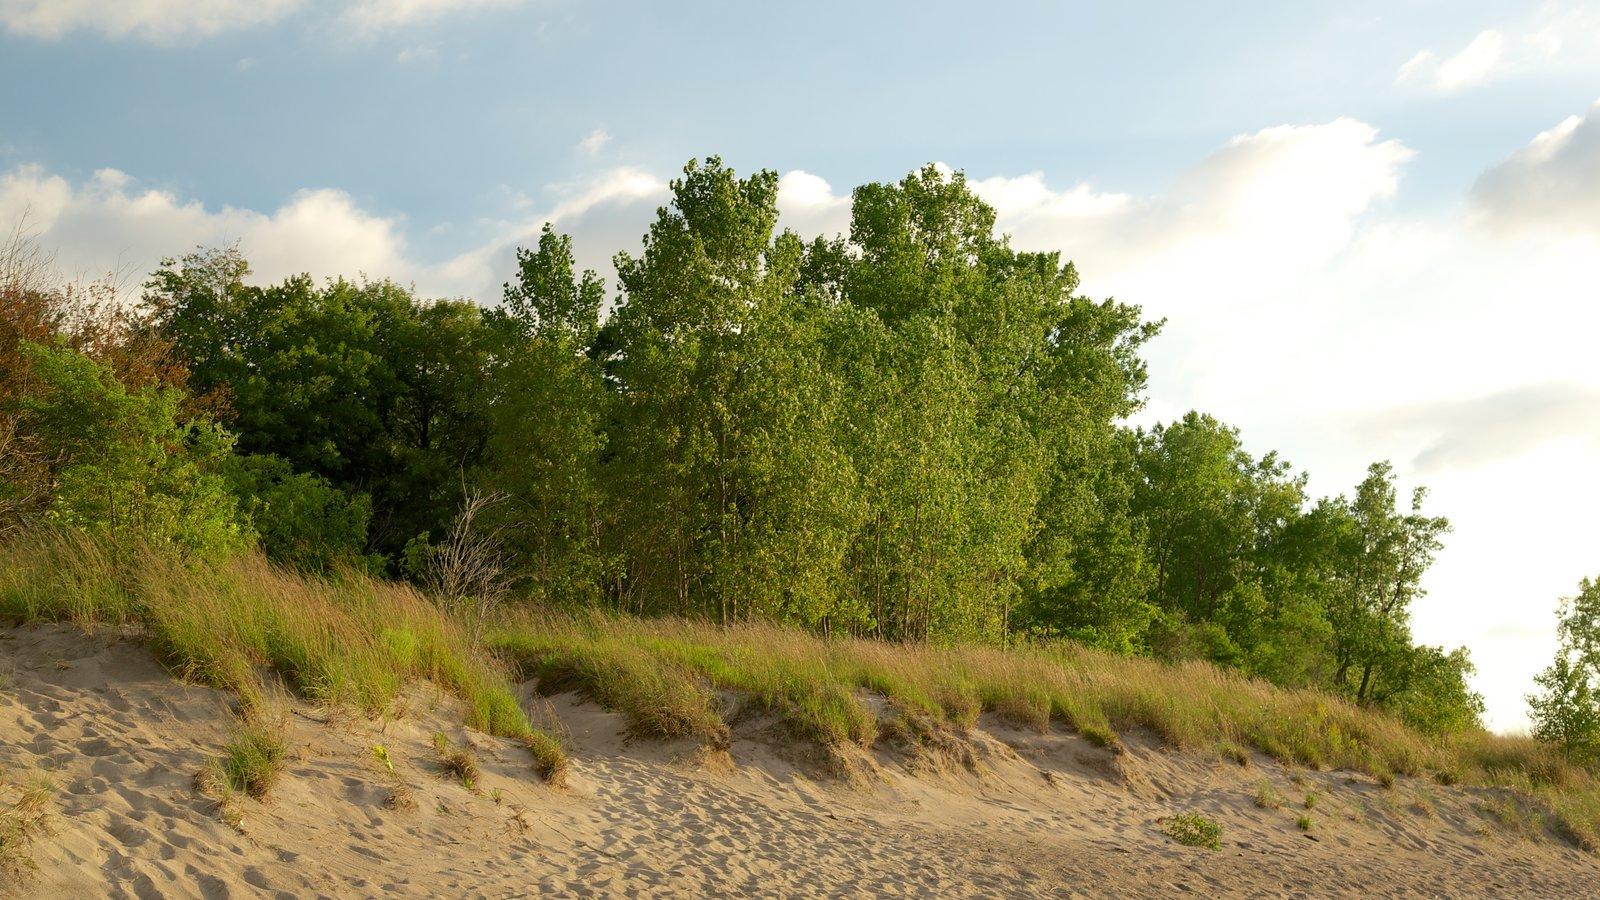 Erie caracterizando uma praia de areia e cenas tranquilas